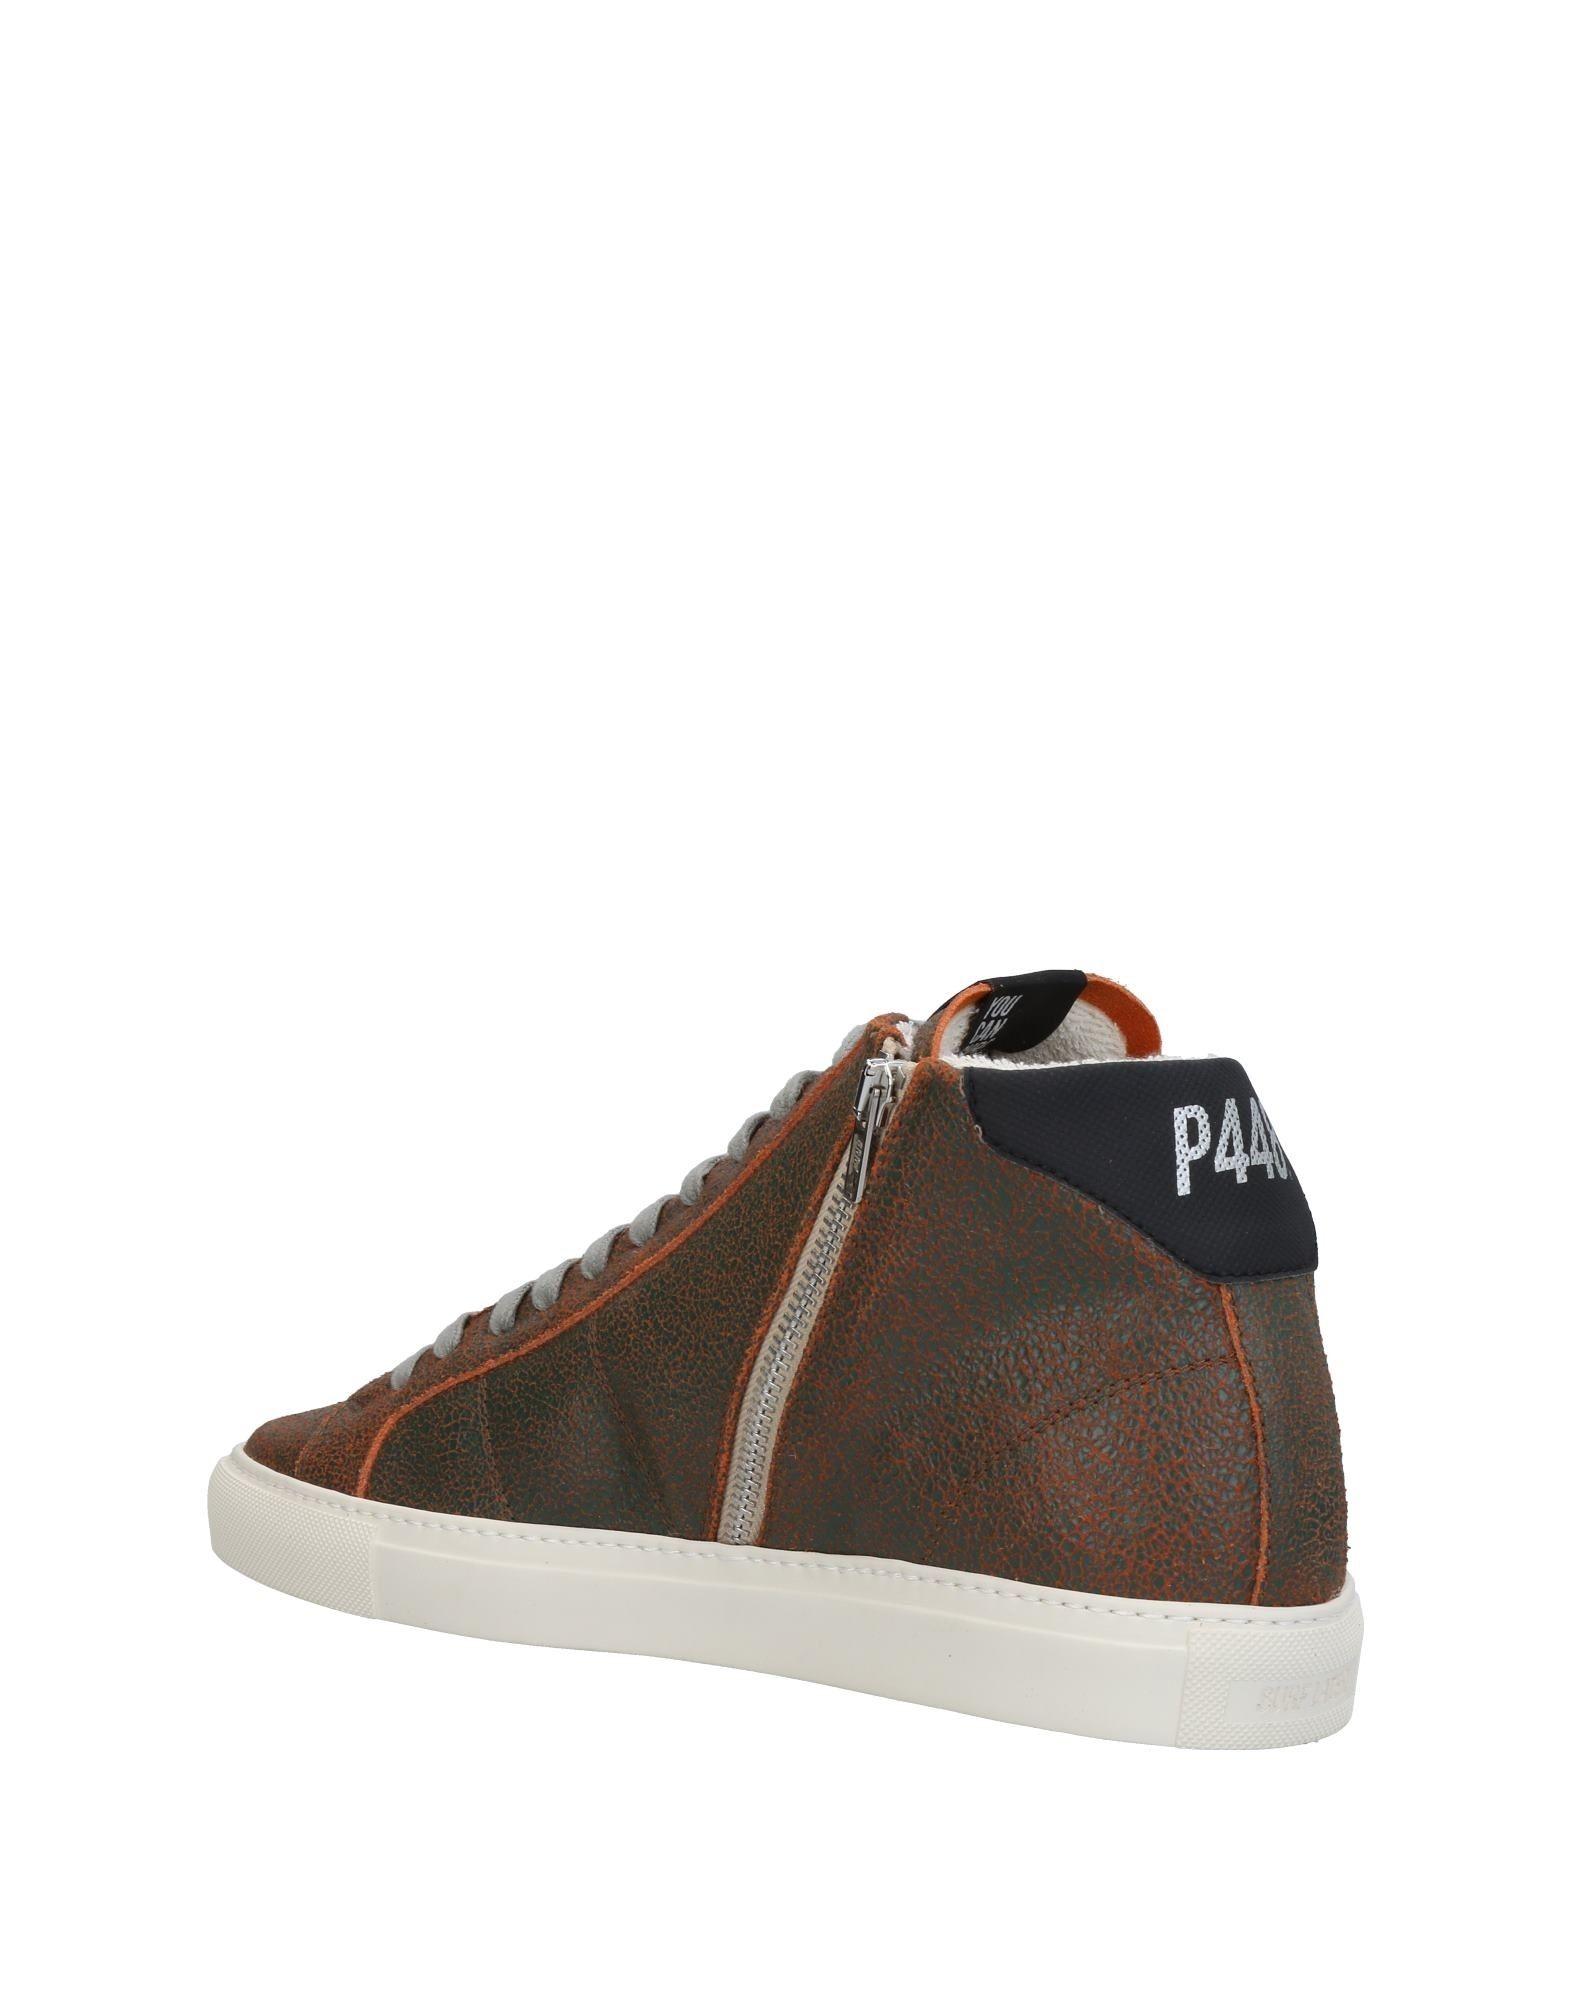 Rabatt echte Schuhe P448 Sneakers Herren  11457164PP